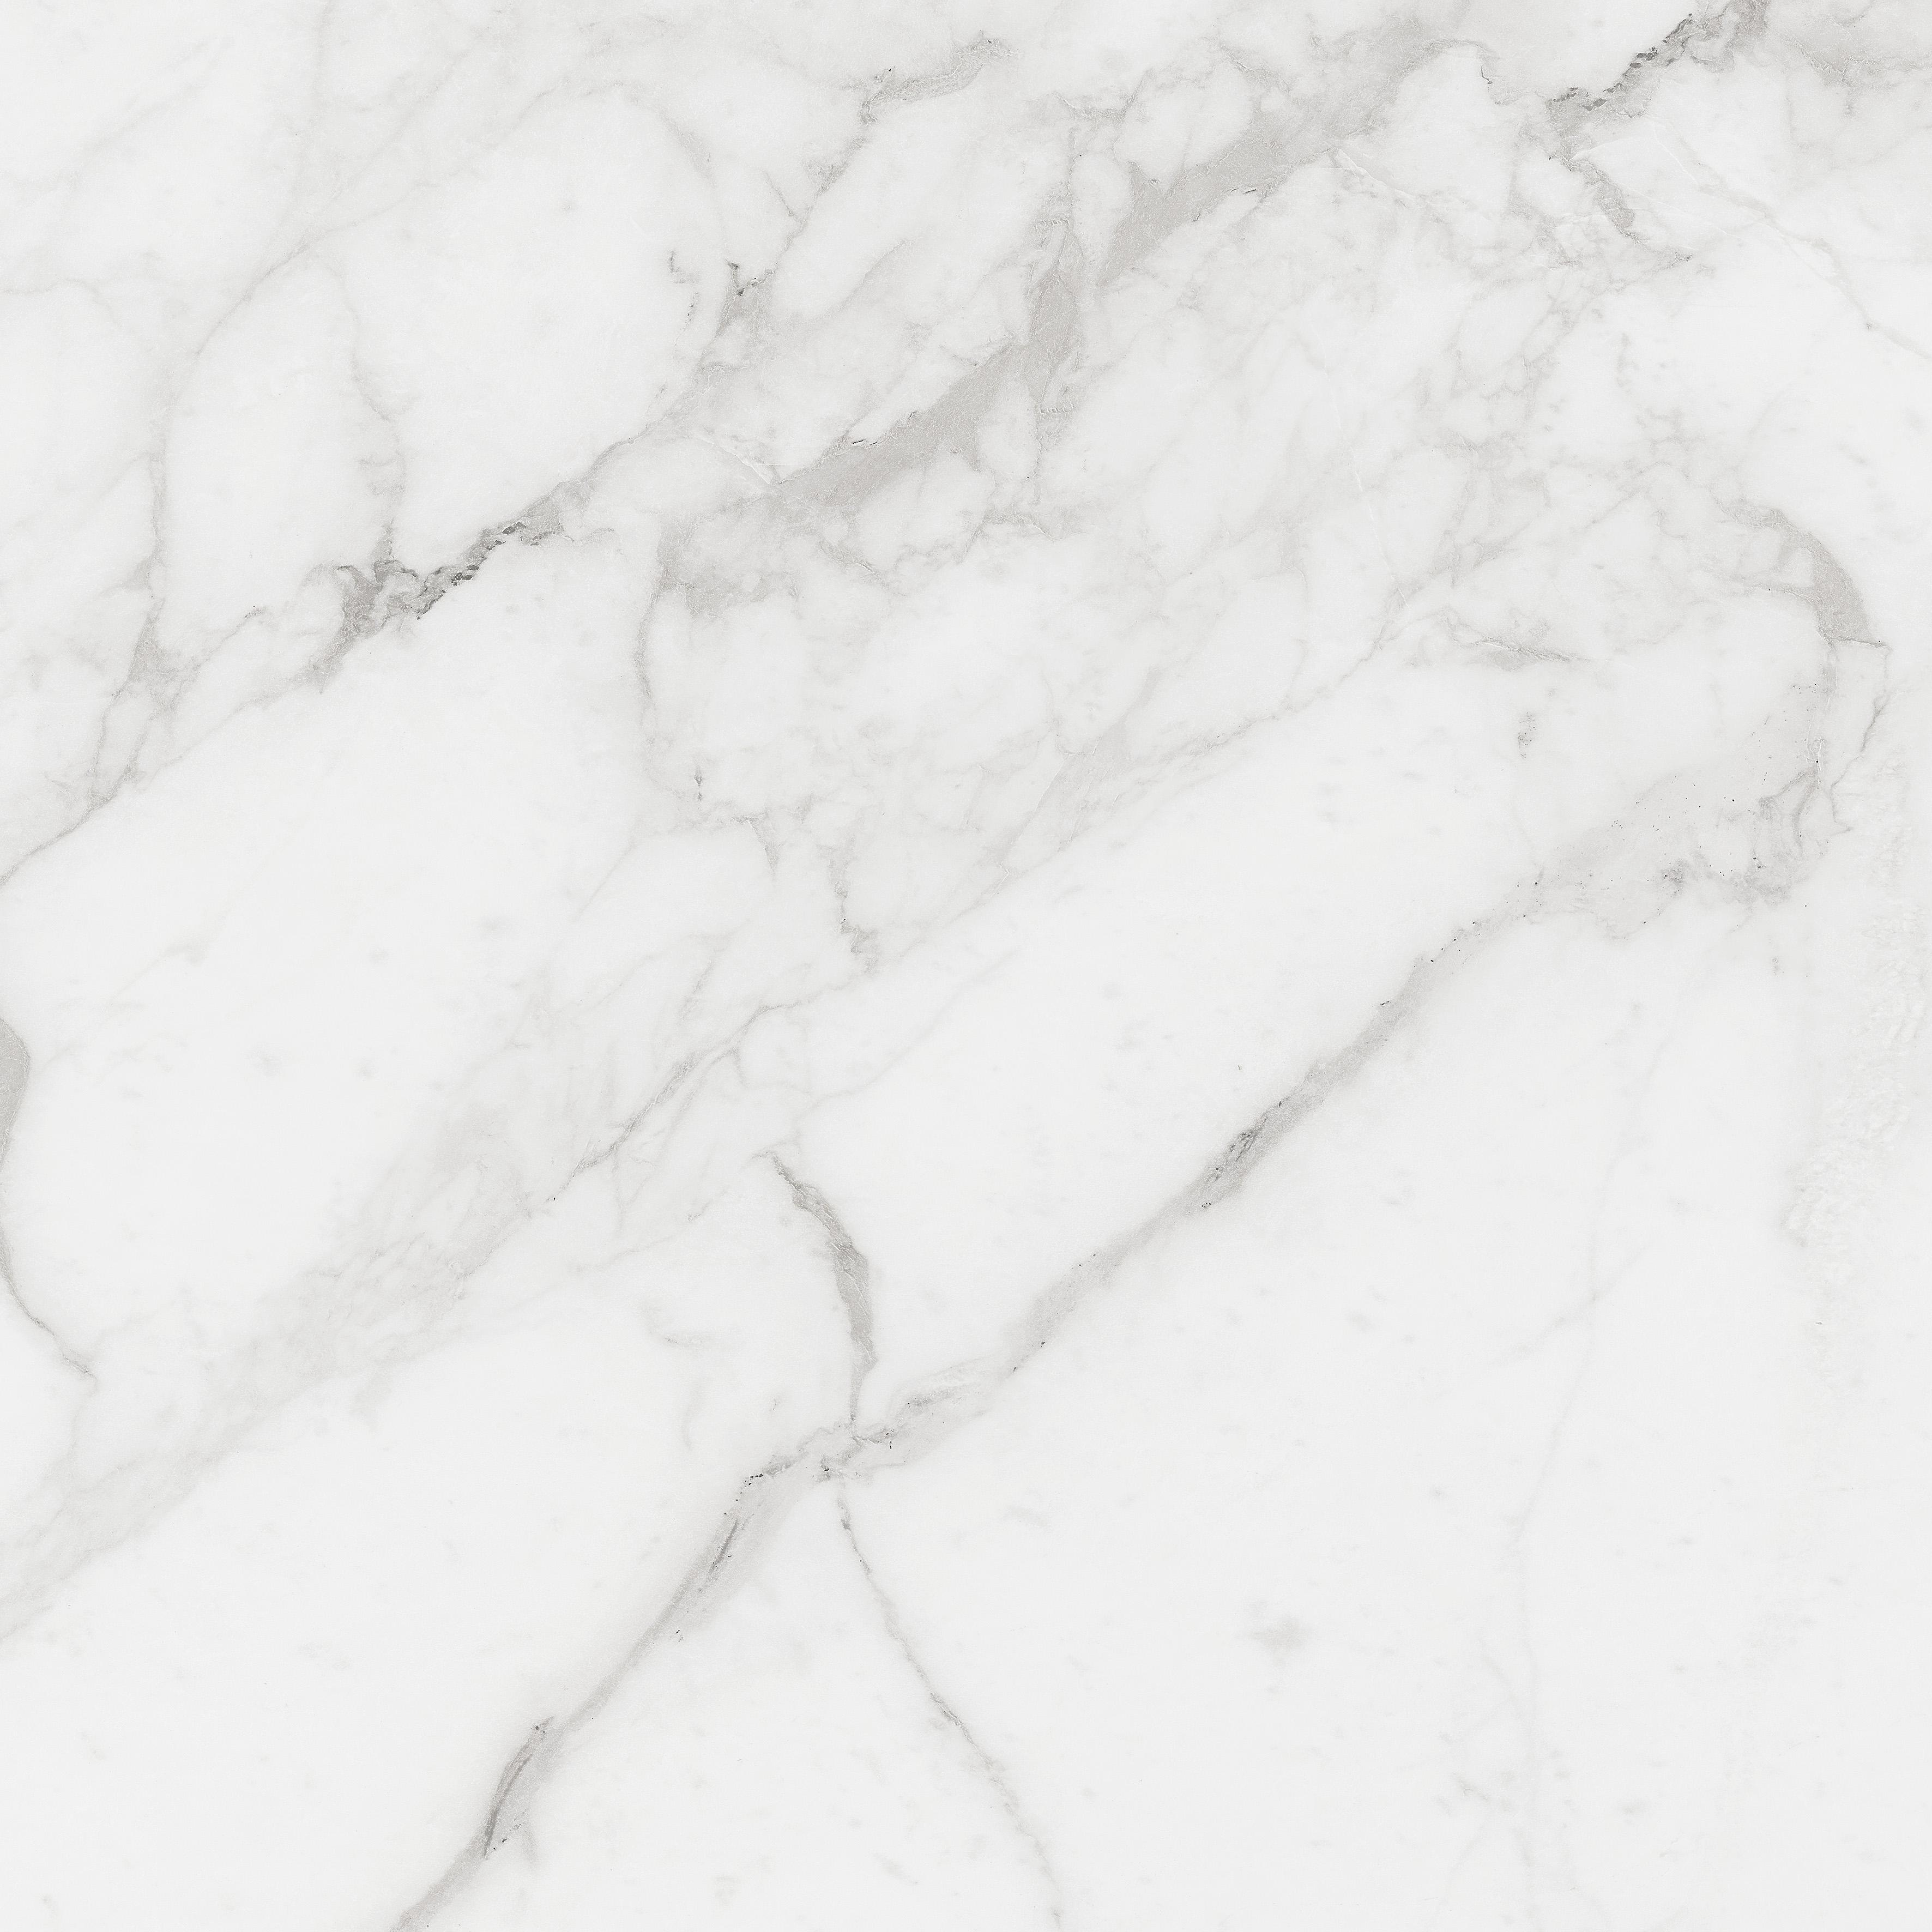 Płytki ceramiczne podłogowe Calacatta Extra White 60x60 gat. II